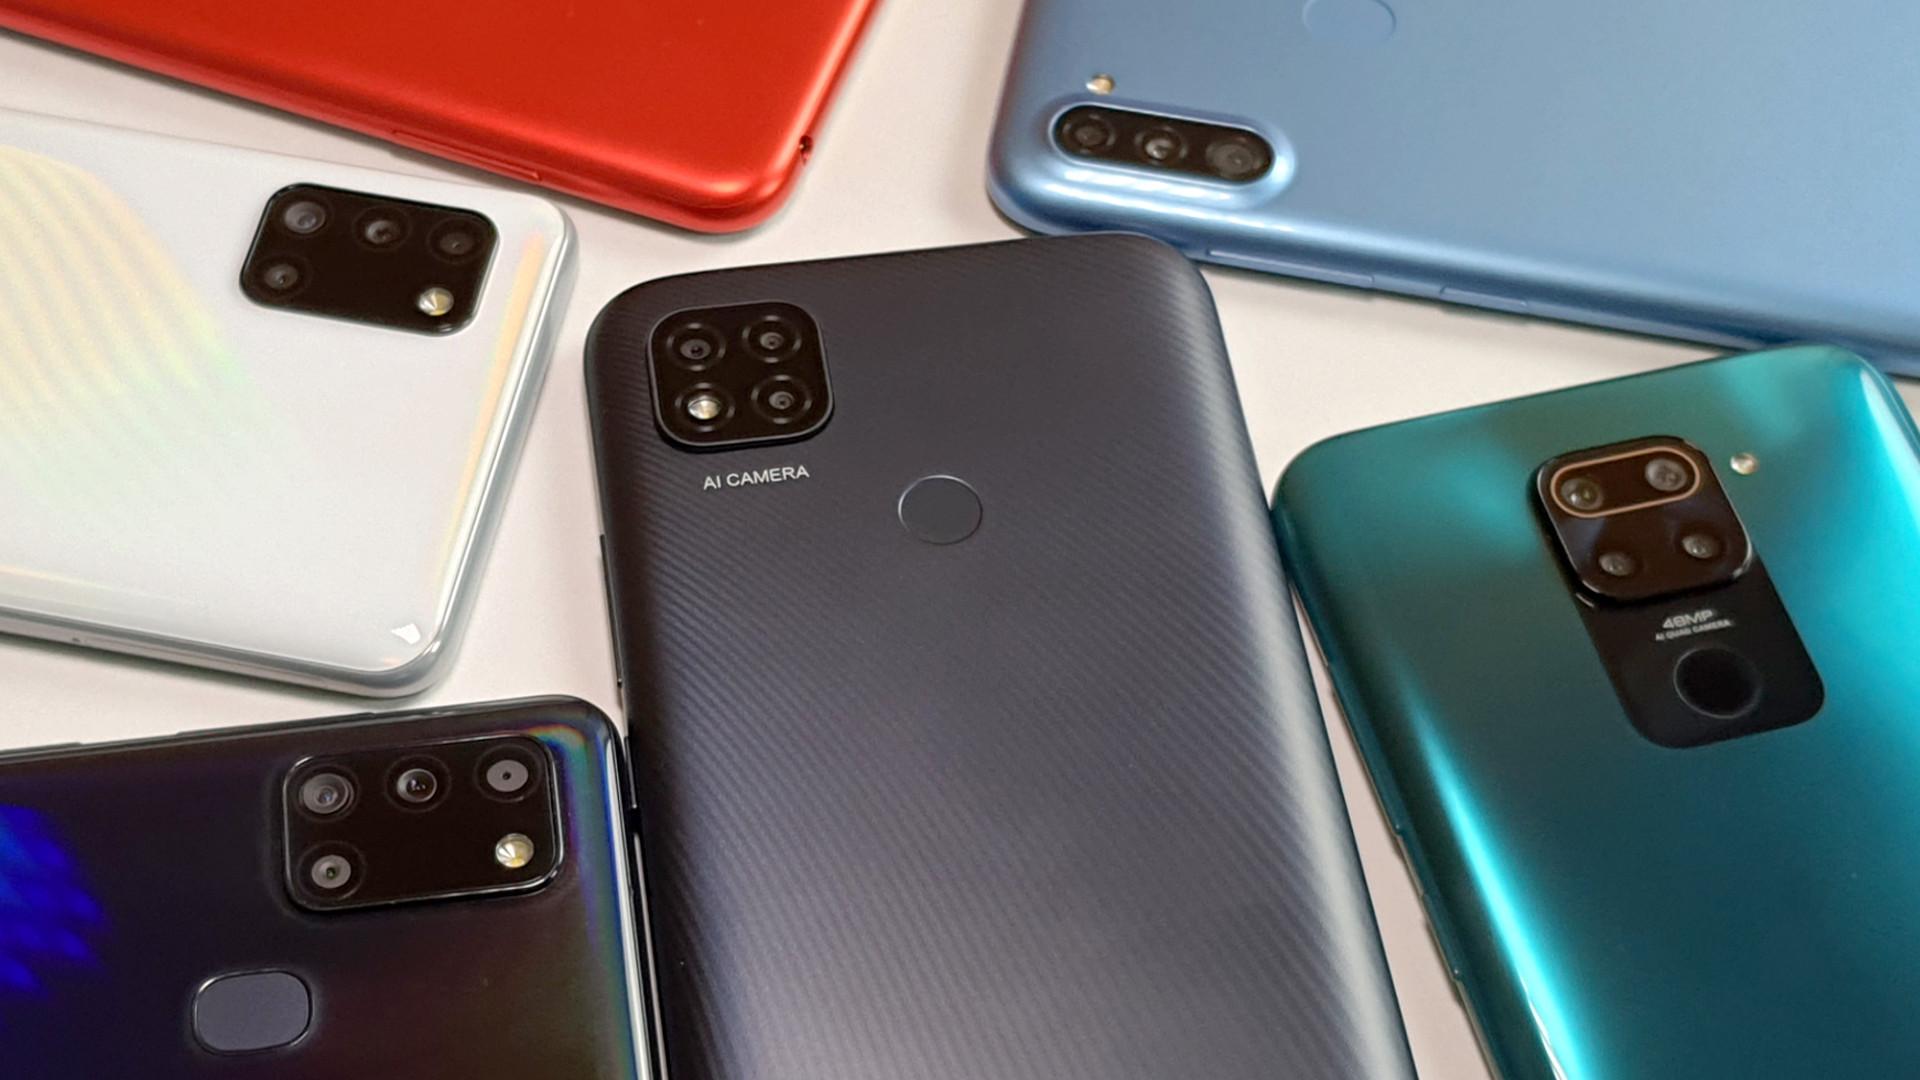 Así quedó el Mercado de celulares de Uruguay en 2020: Xiaomi plantó bandera